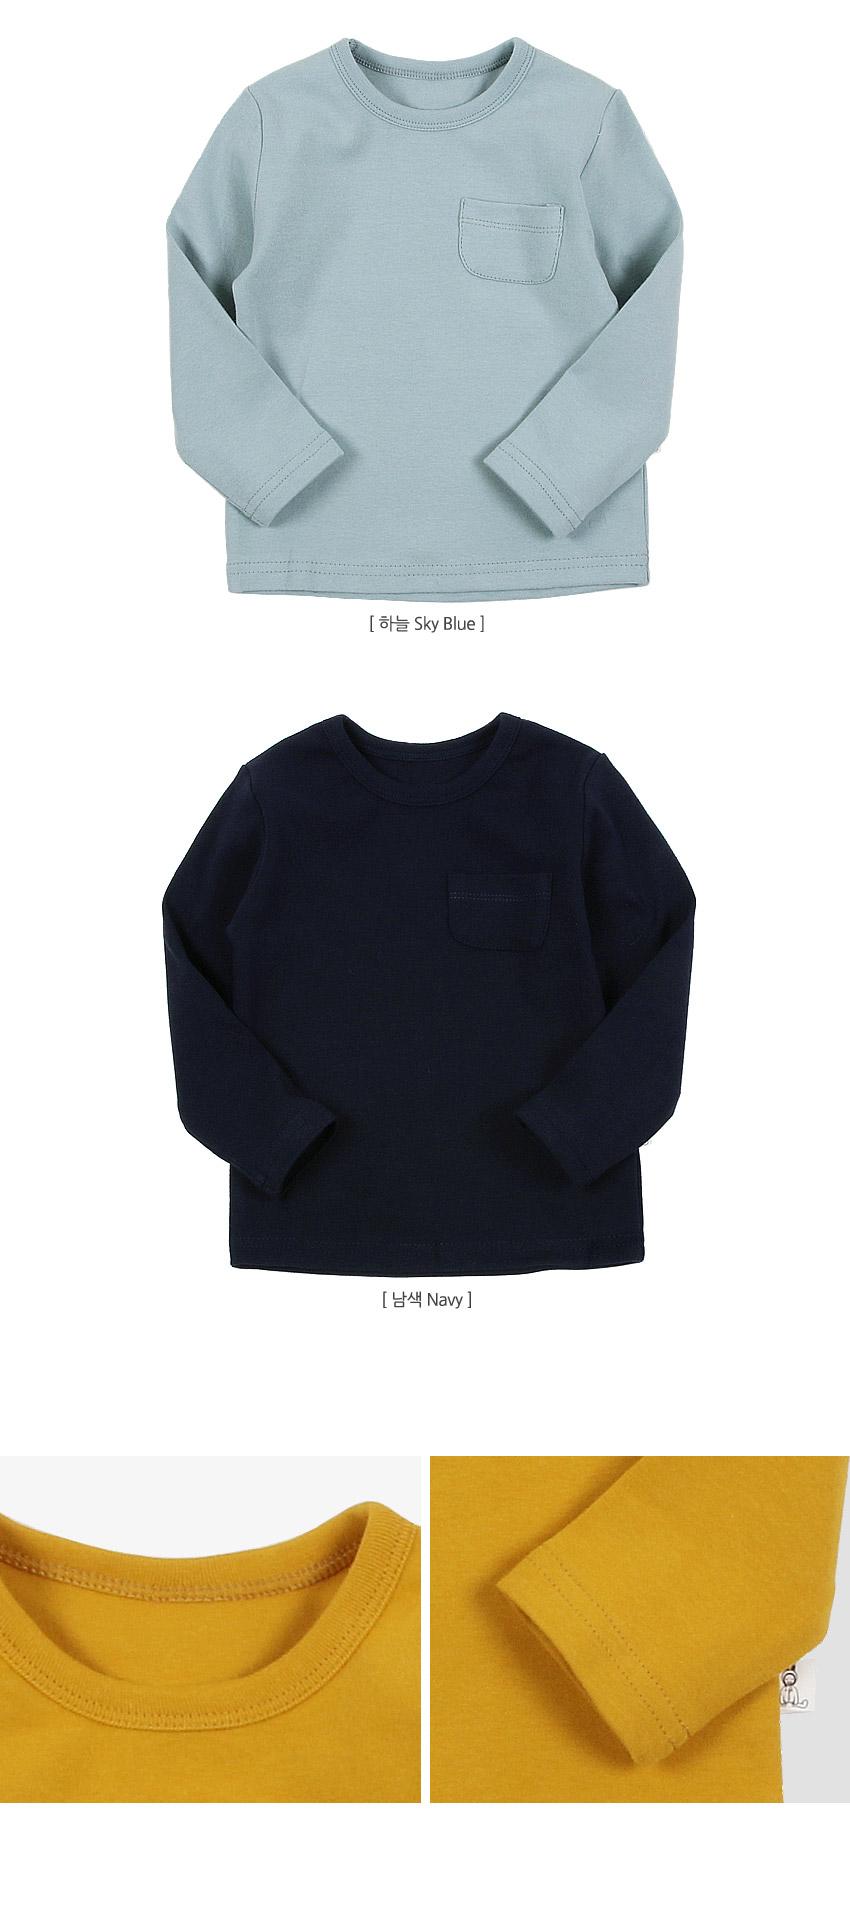 에브리데이 도톰 라운드 티셔츠 T171 - 베이비맥스, 10,300원, 상의/아우터, 티셔츠